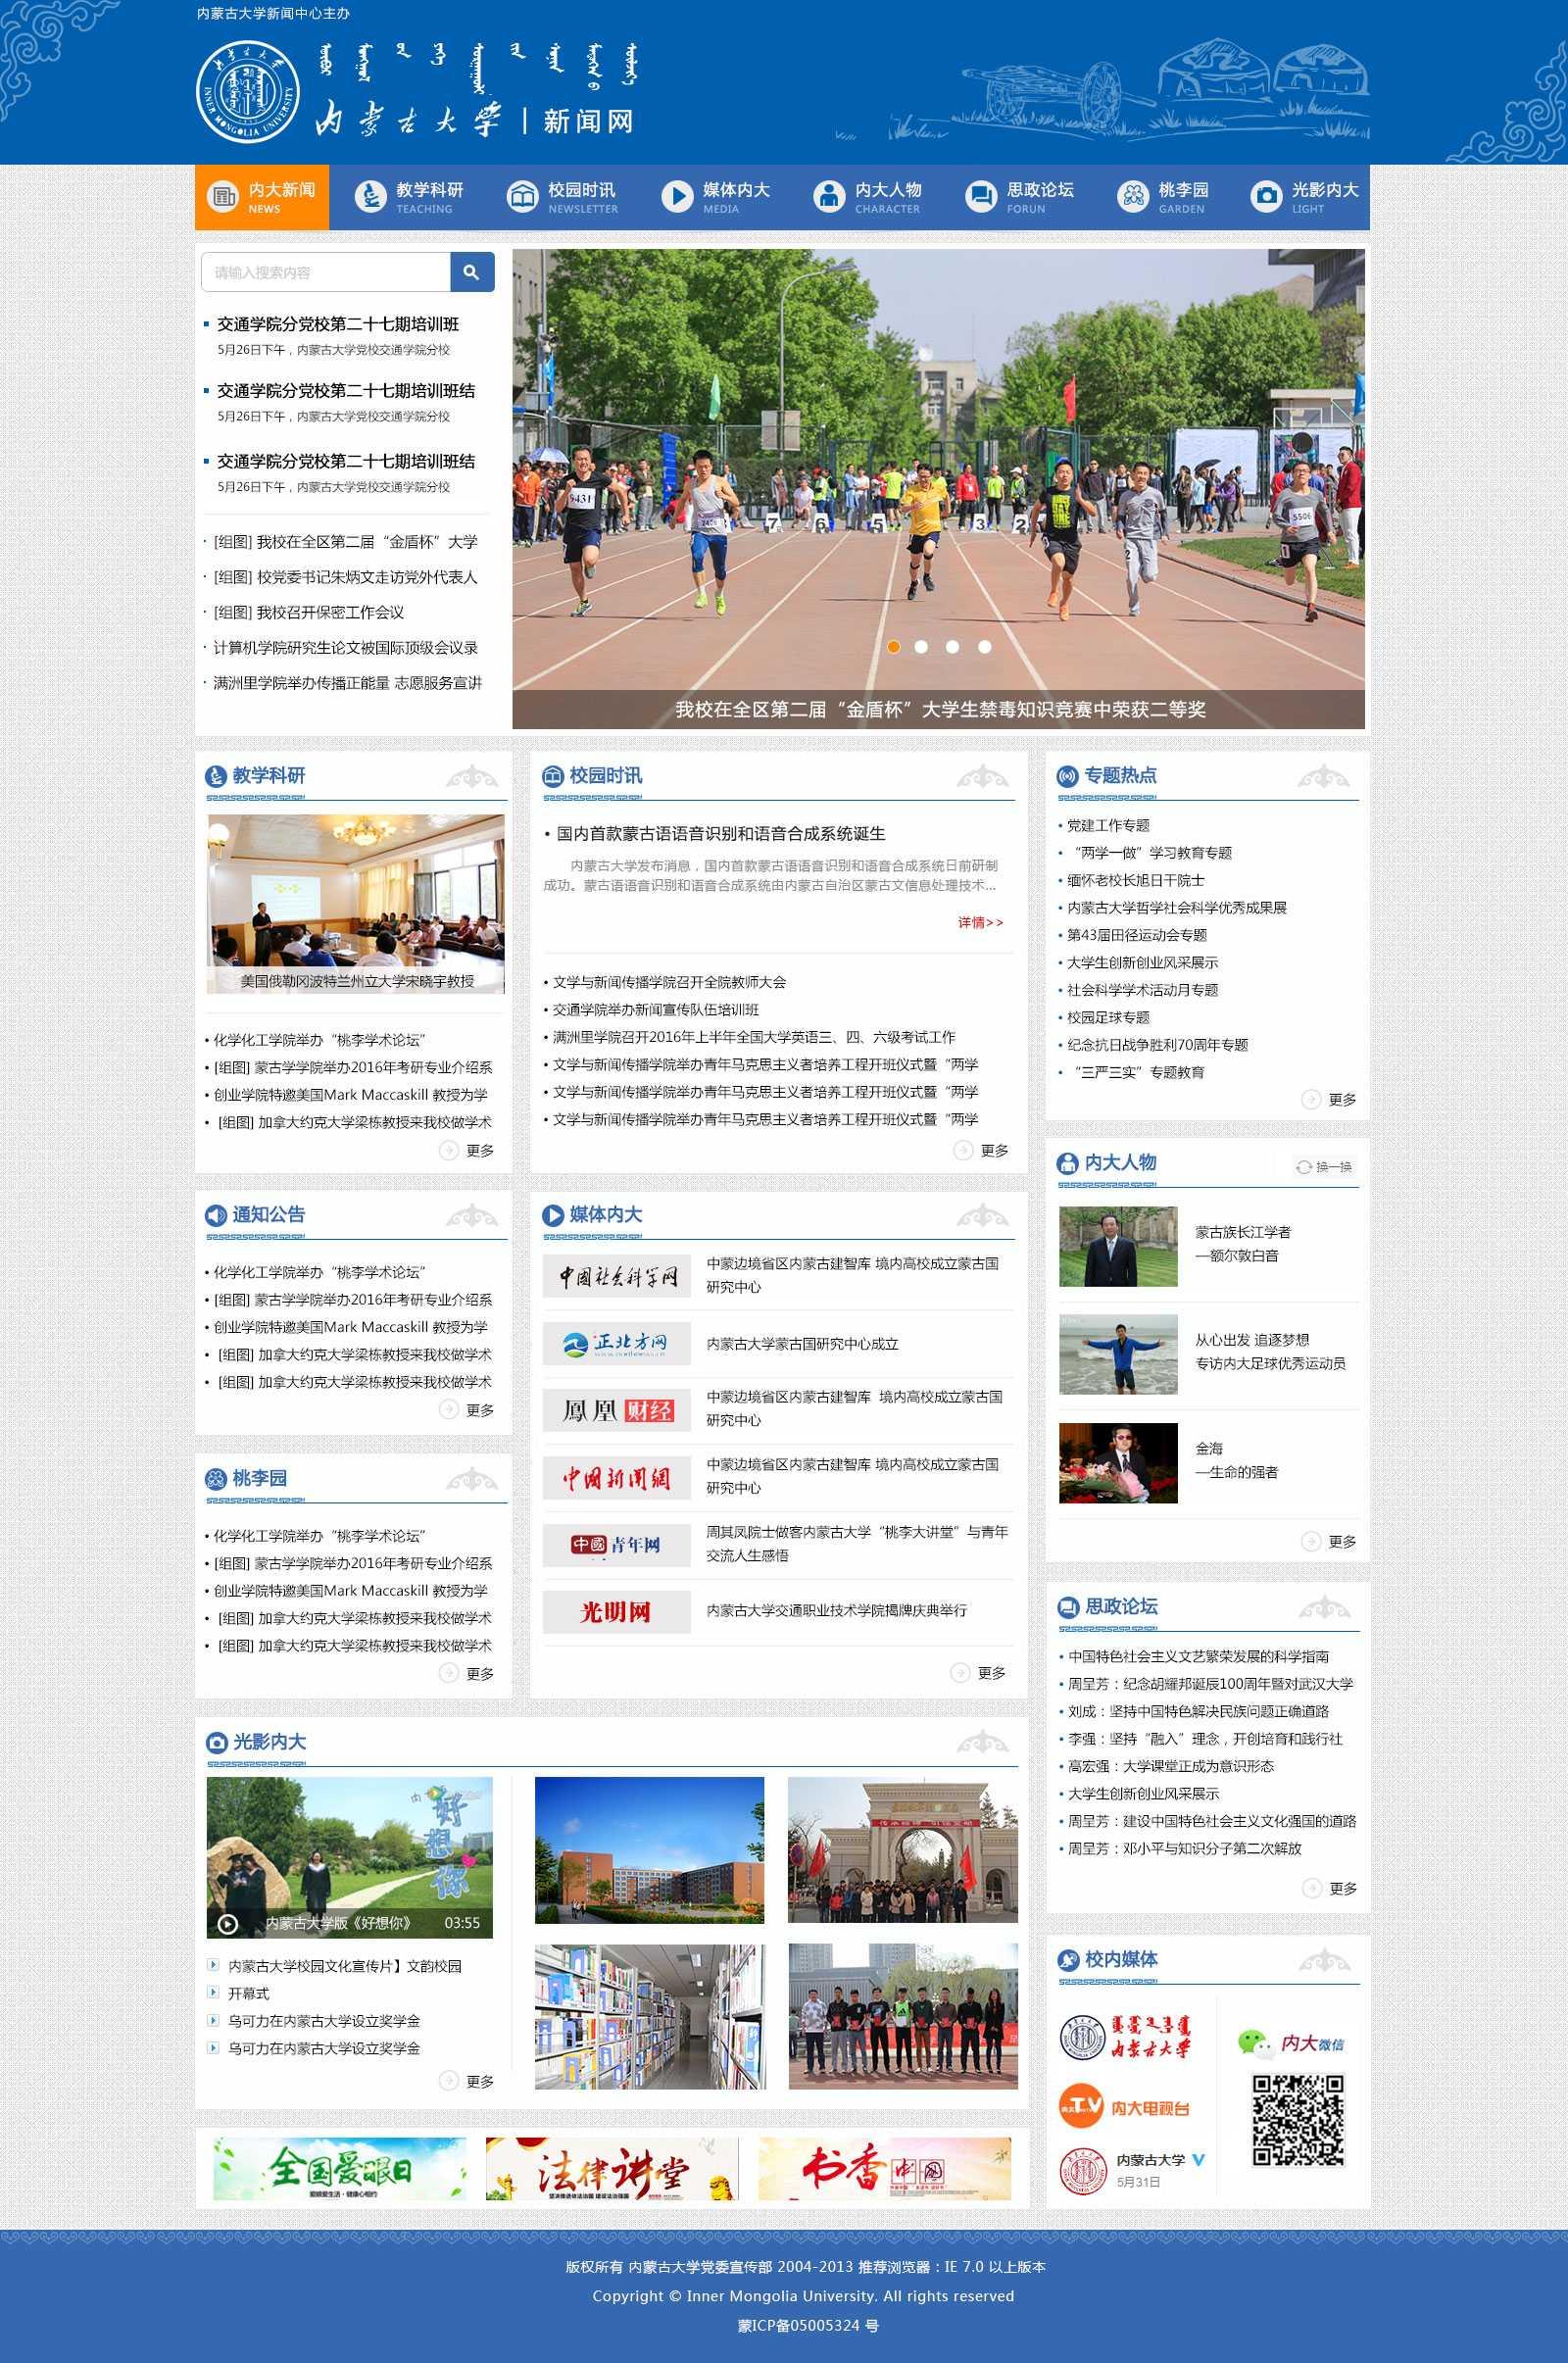 蓝色的内蒙古大学学校新闻网站设计模板